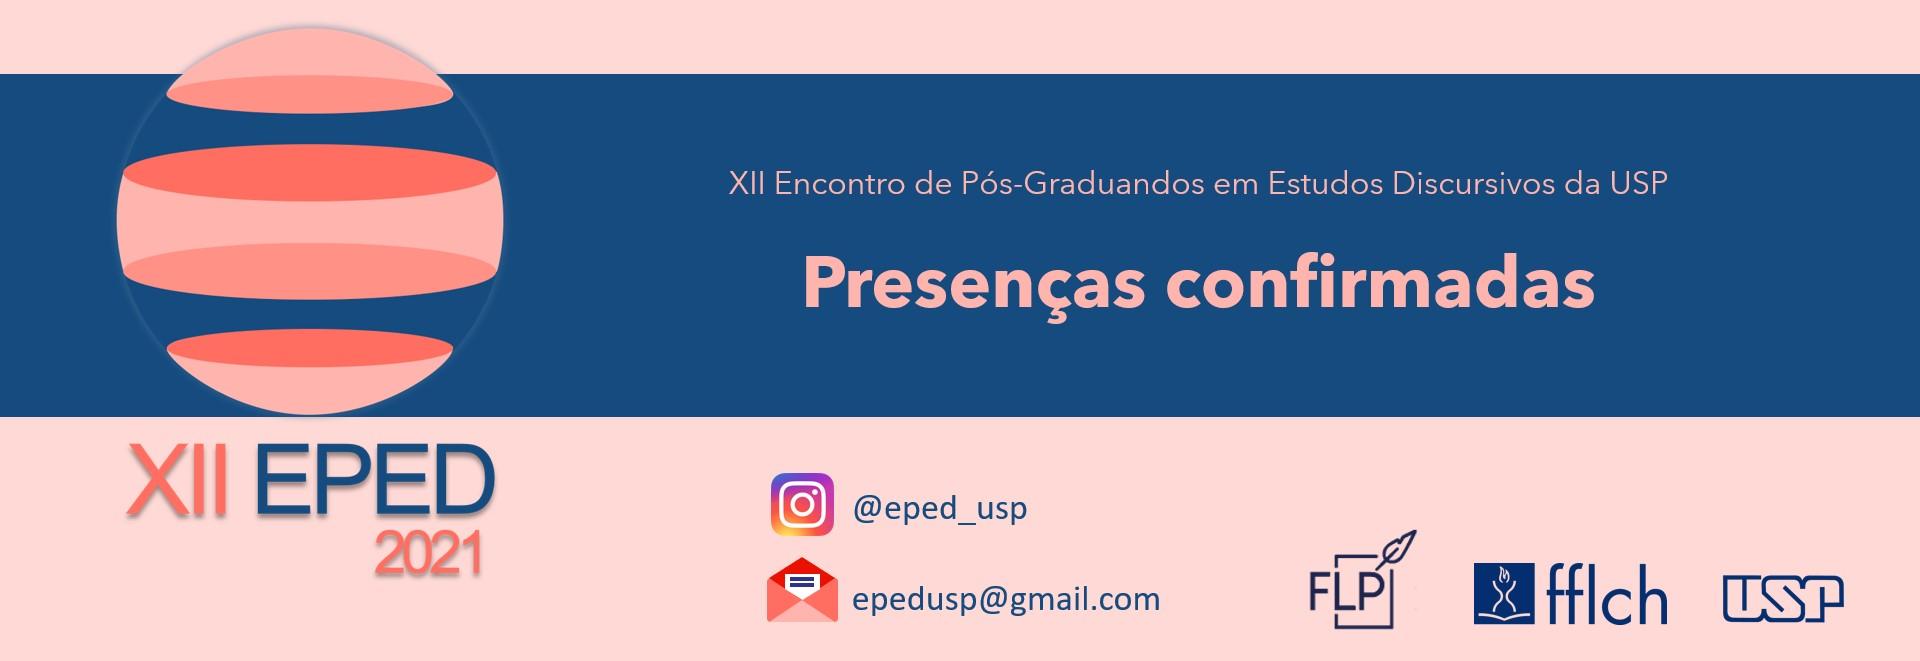 SLIDE - Presenças confirmadas - 30.05.2021_1.jpg